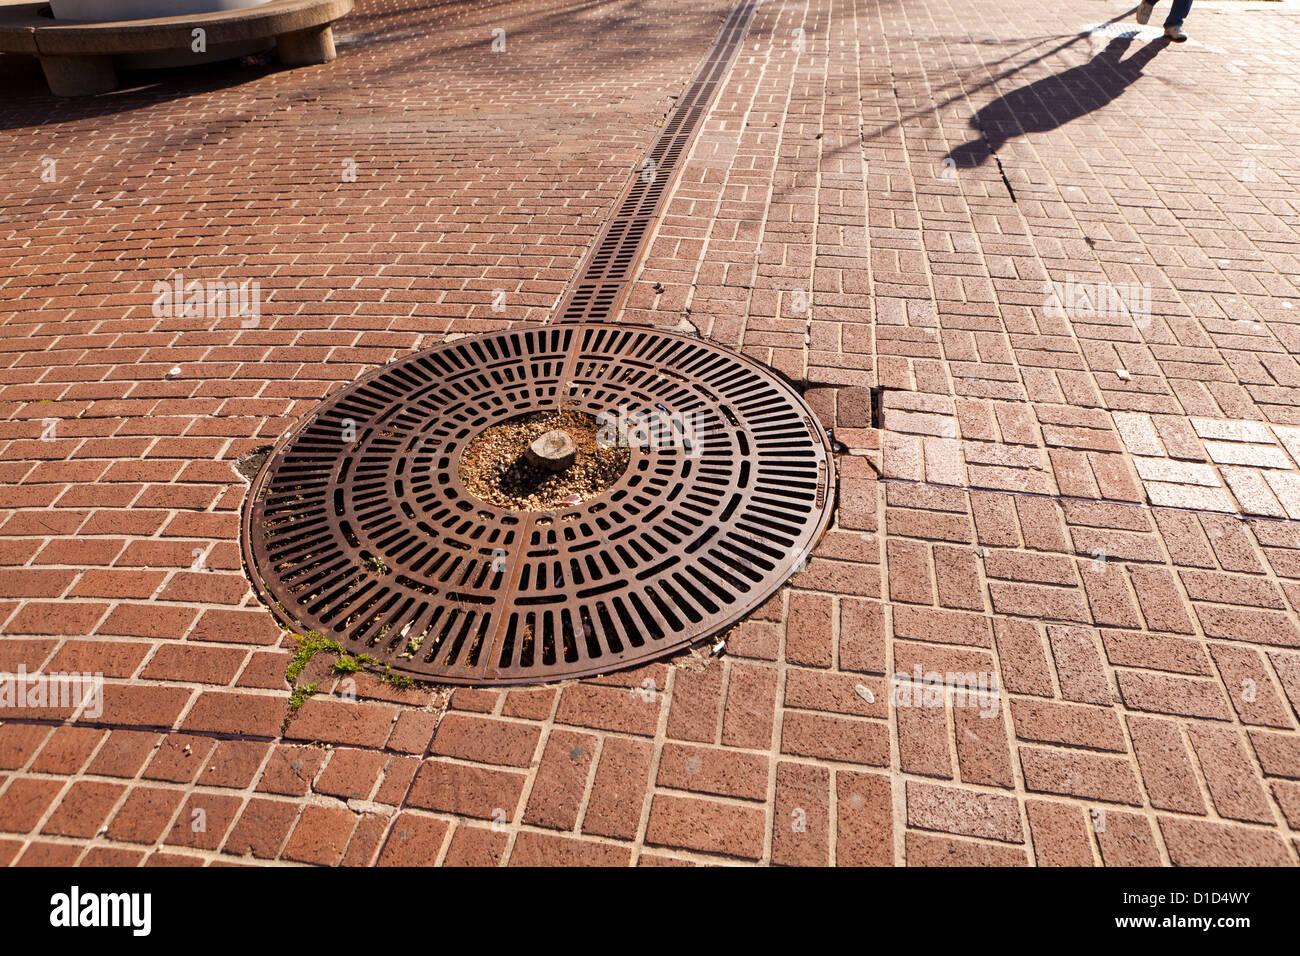 L'ombre de l'homme marche sur la chaussée en brique Photo Stock